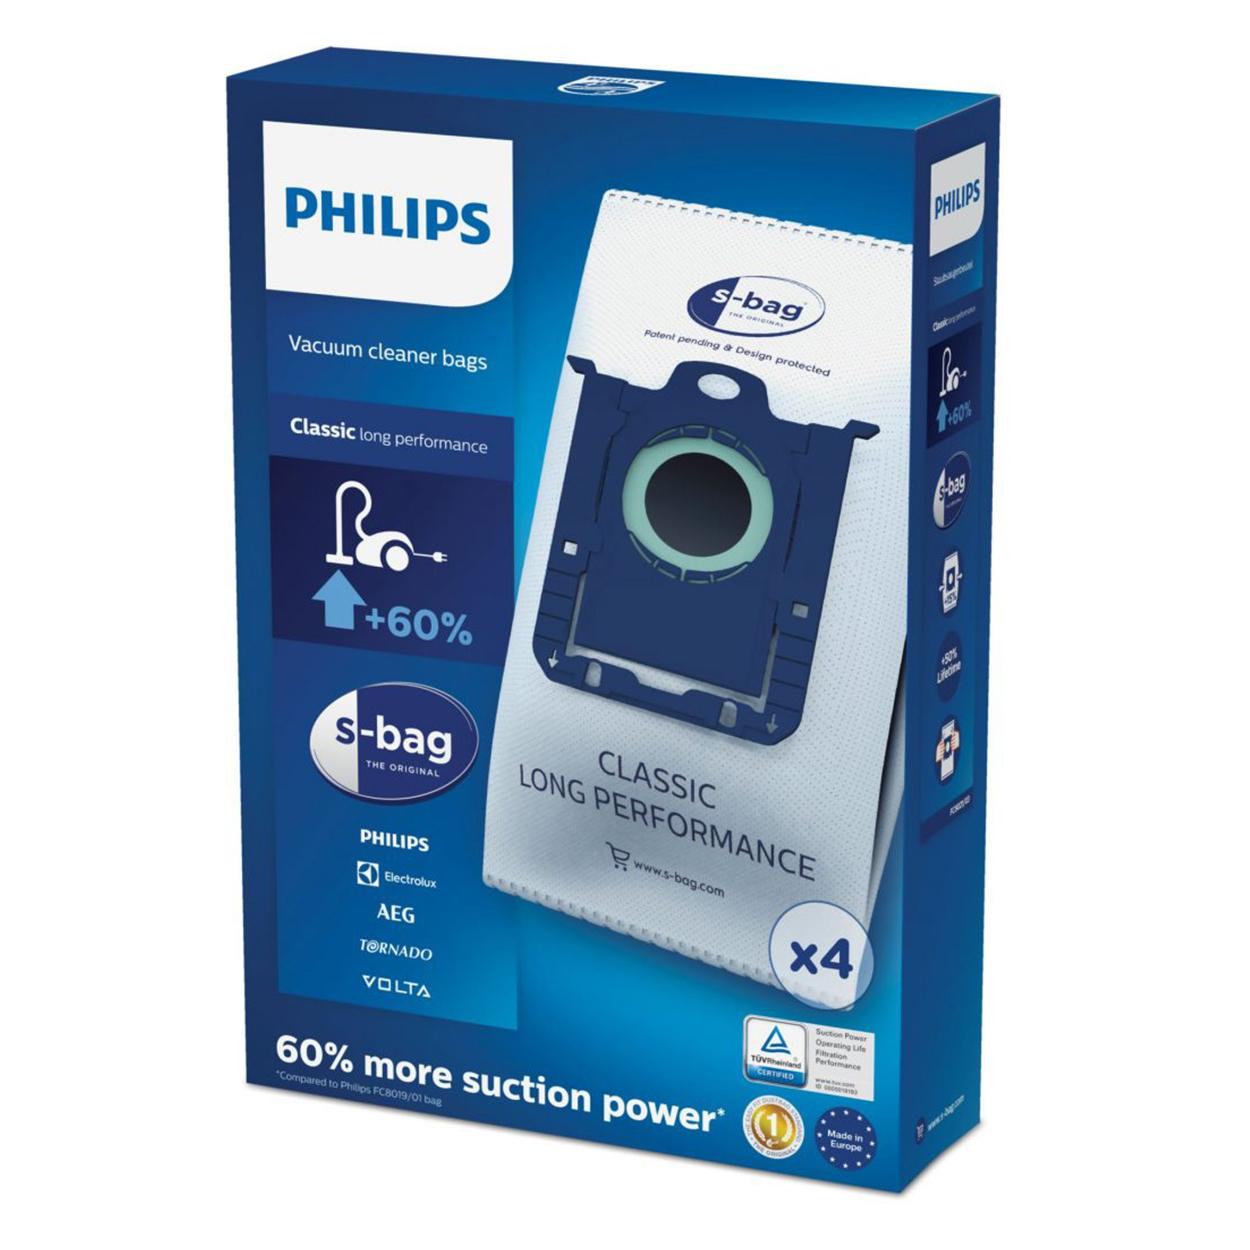 Pirkite s-bag Dulkių siurblių maišelius FC8021/03 elektroninėje | Philips parduotuvėje